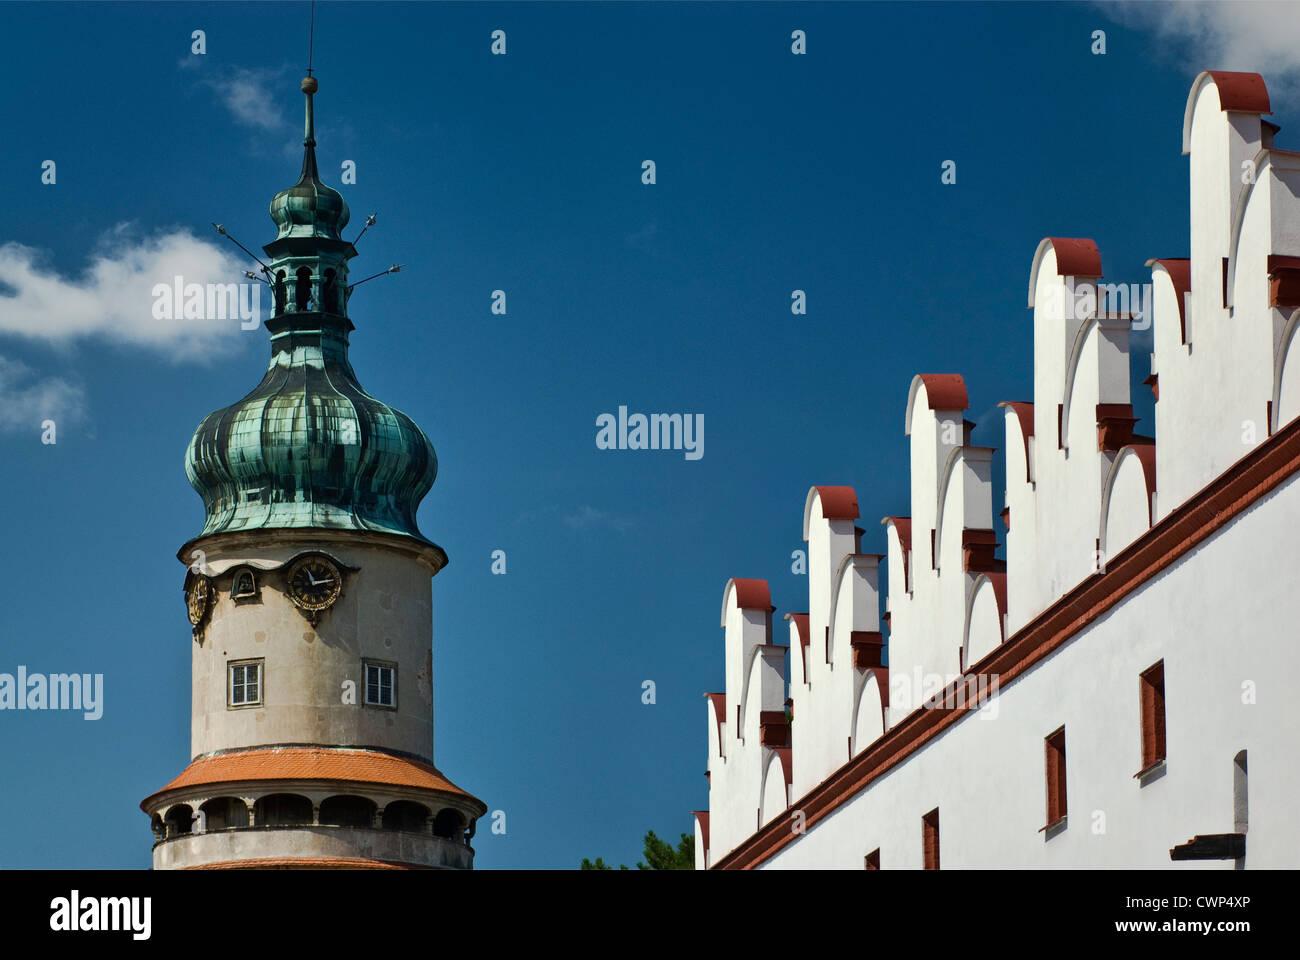 Castle tower and attic of building in Nové Město nad Metují in Kralovehradecky kraj (Hradec Králové - Stock Image